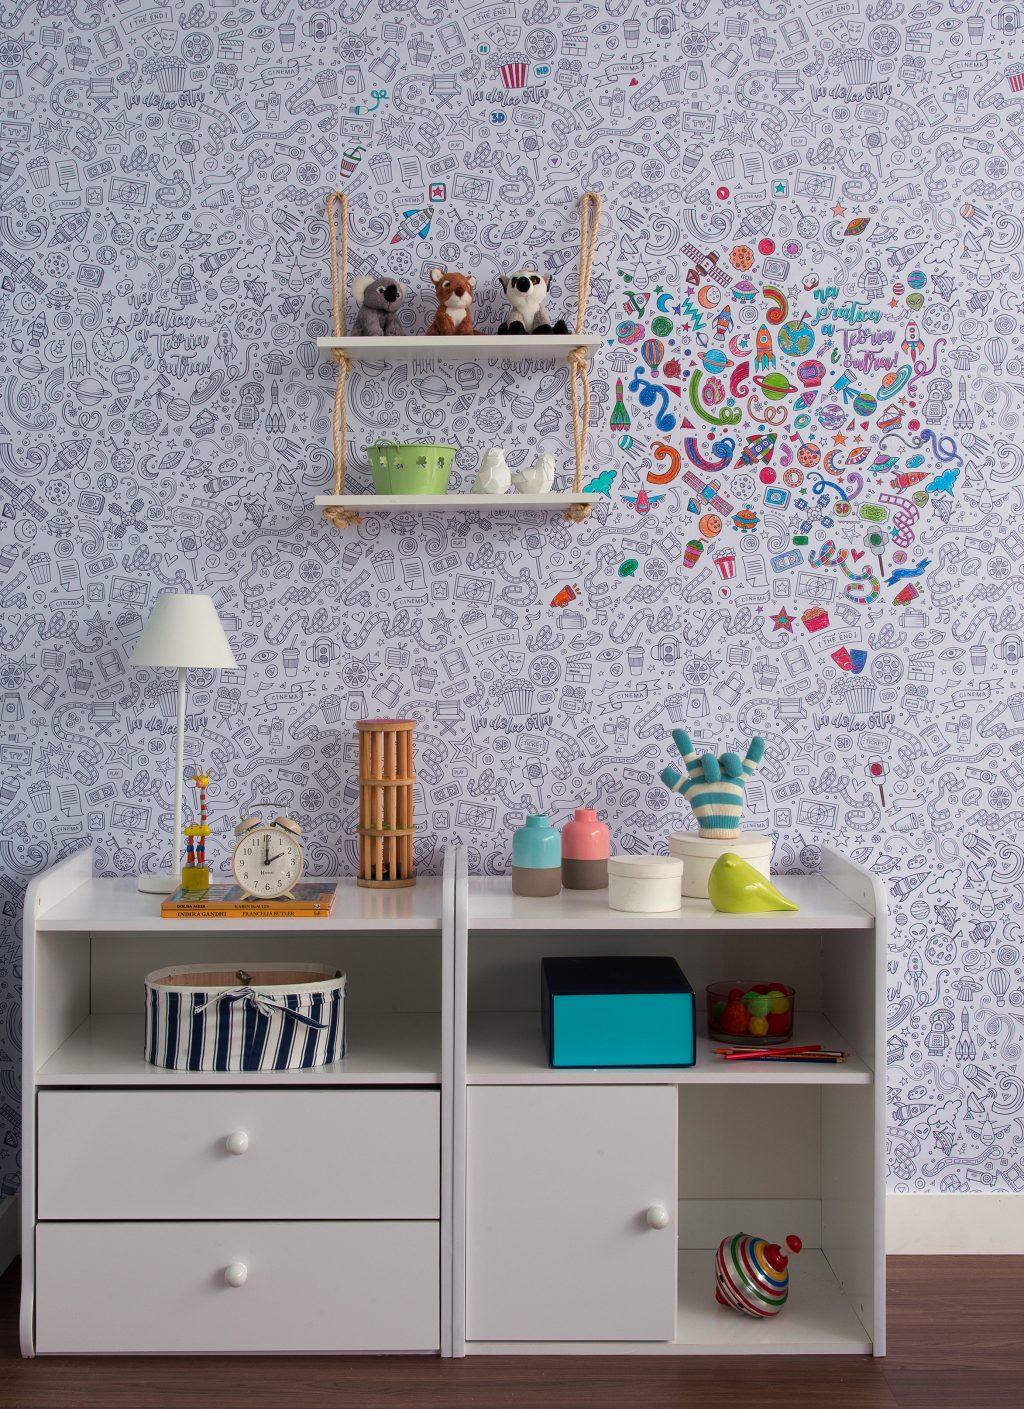 decoração do quarto infantil com cômoda branca